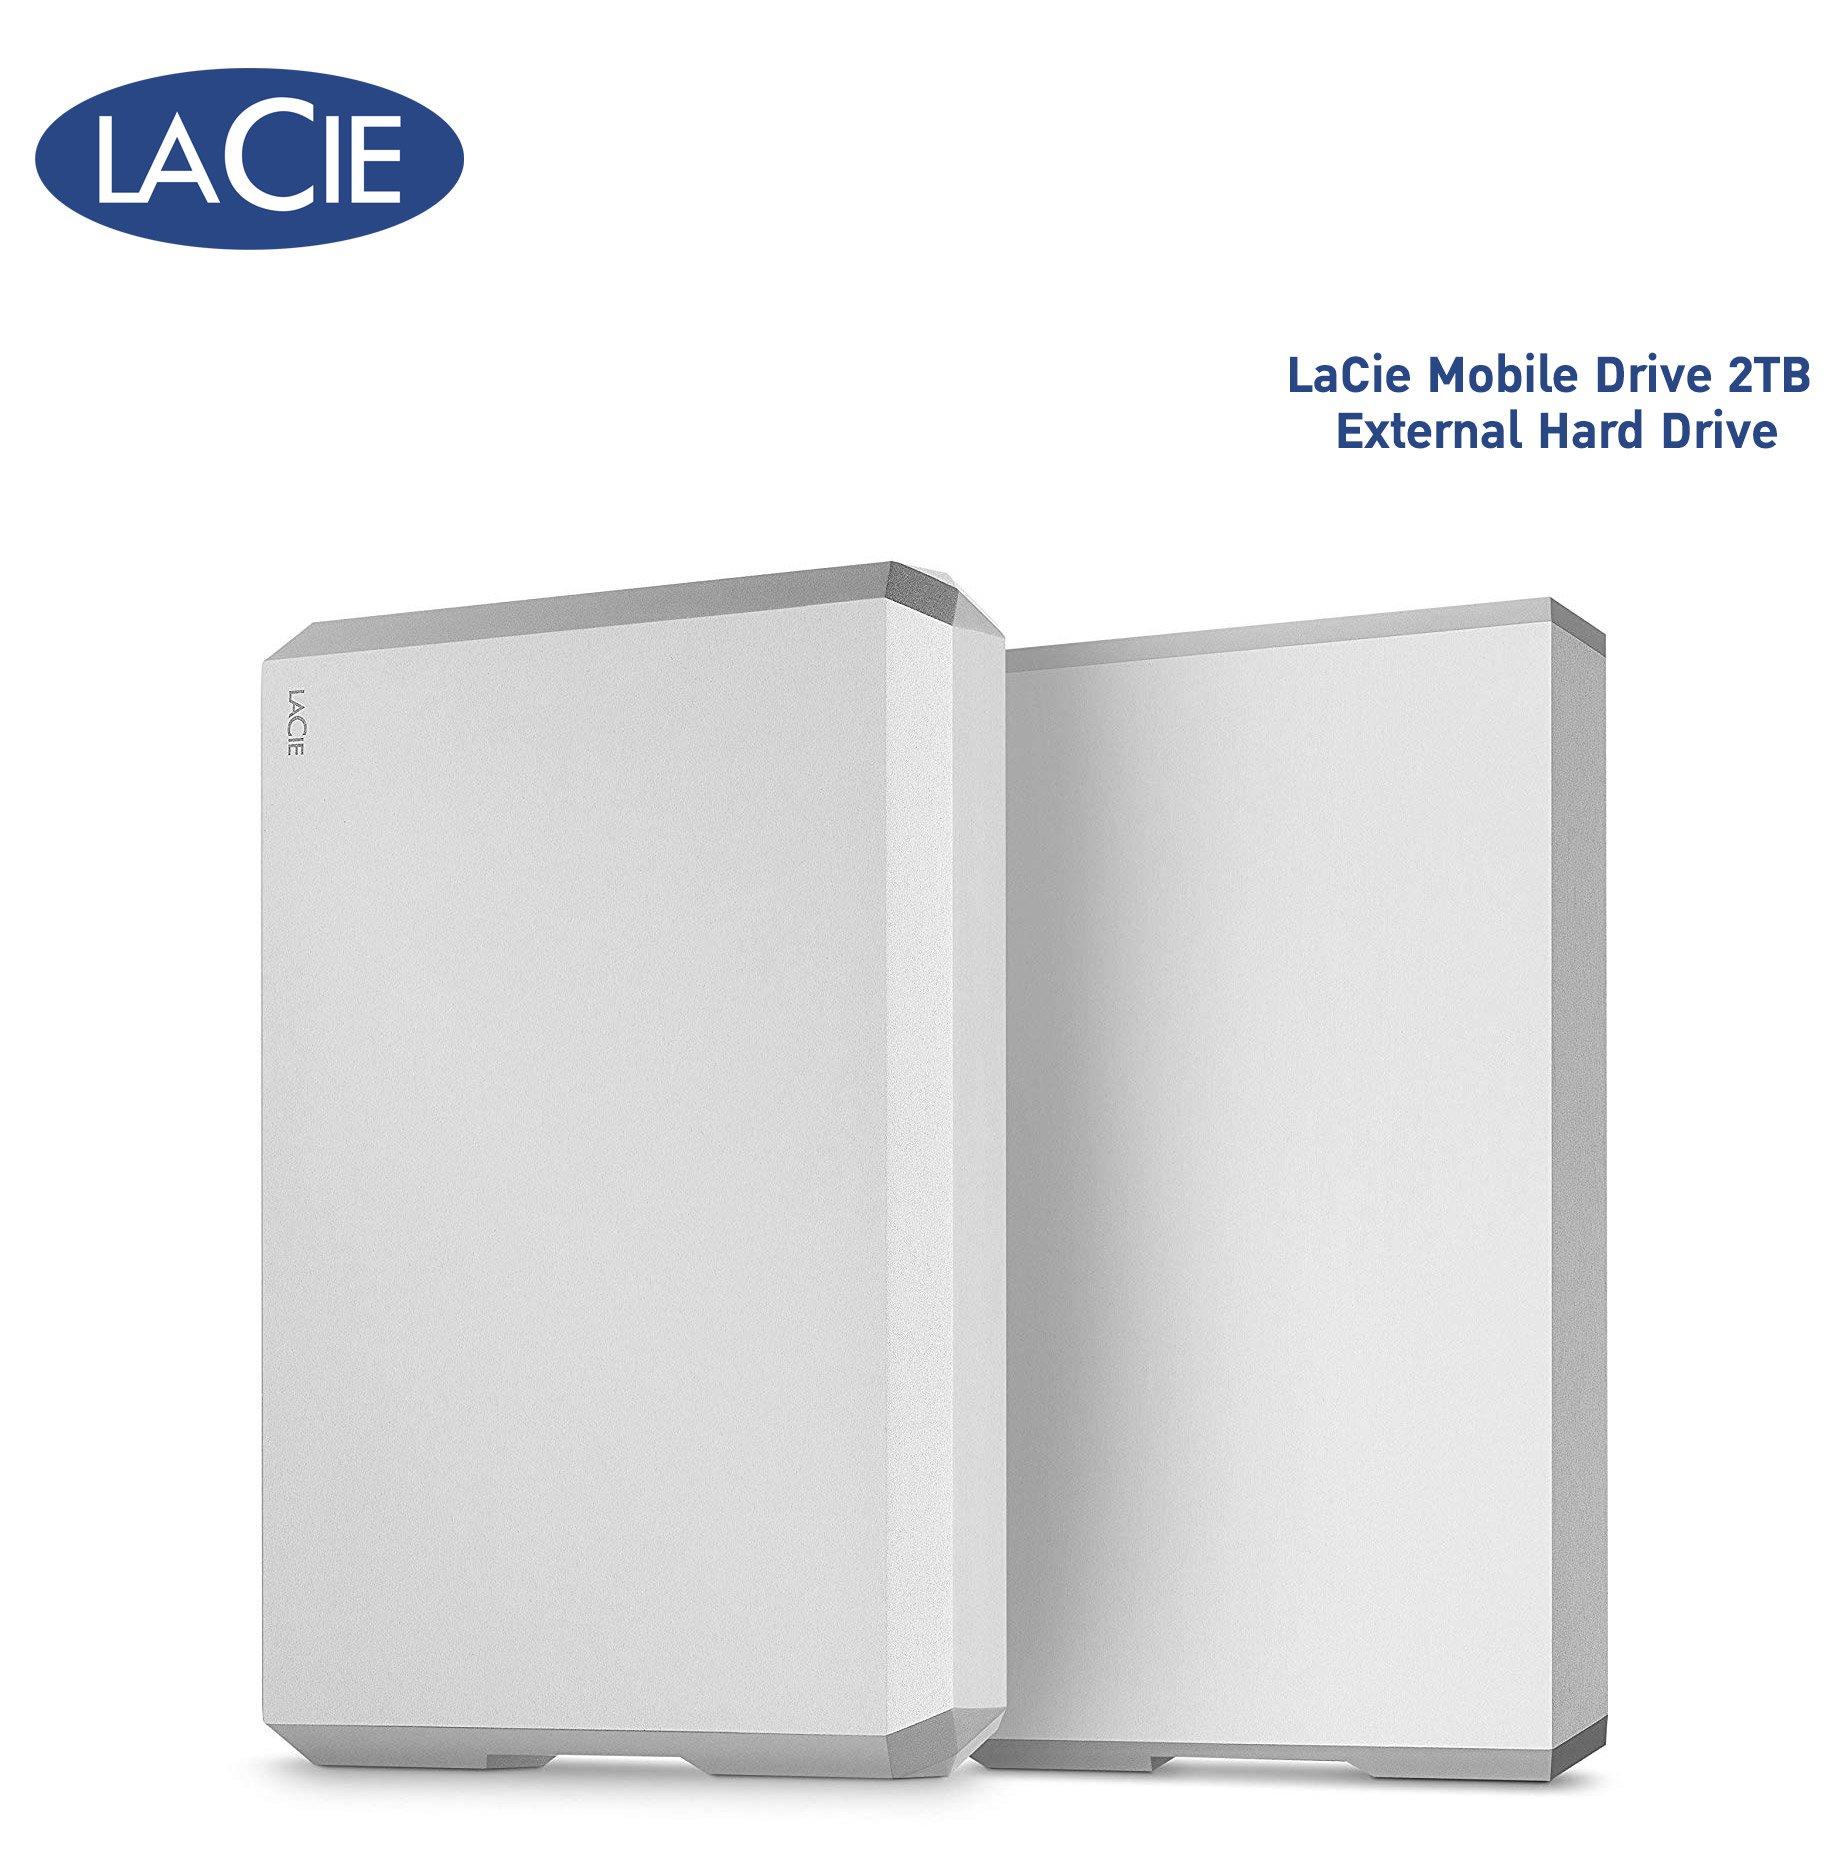 LaCie Mobile Drive 2TB External Hard Drive